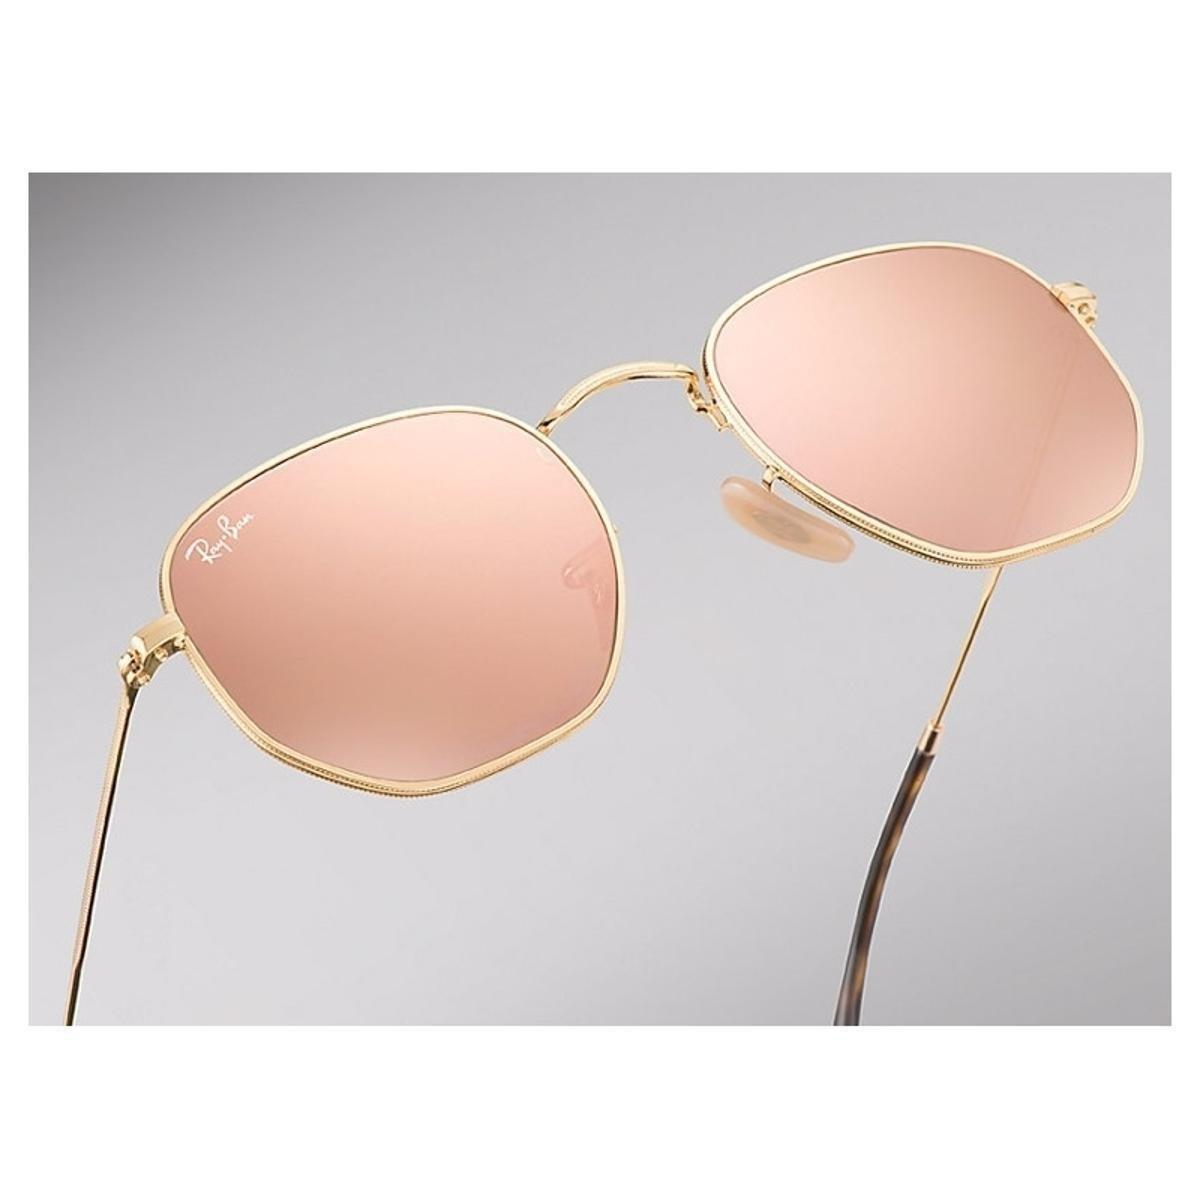 Óculos de Sol Ray Ban Hexagonal RB3548NL - Dourado e Bege - Compre ... 683b4b945b